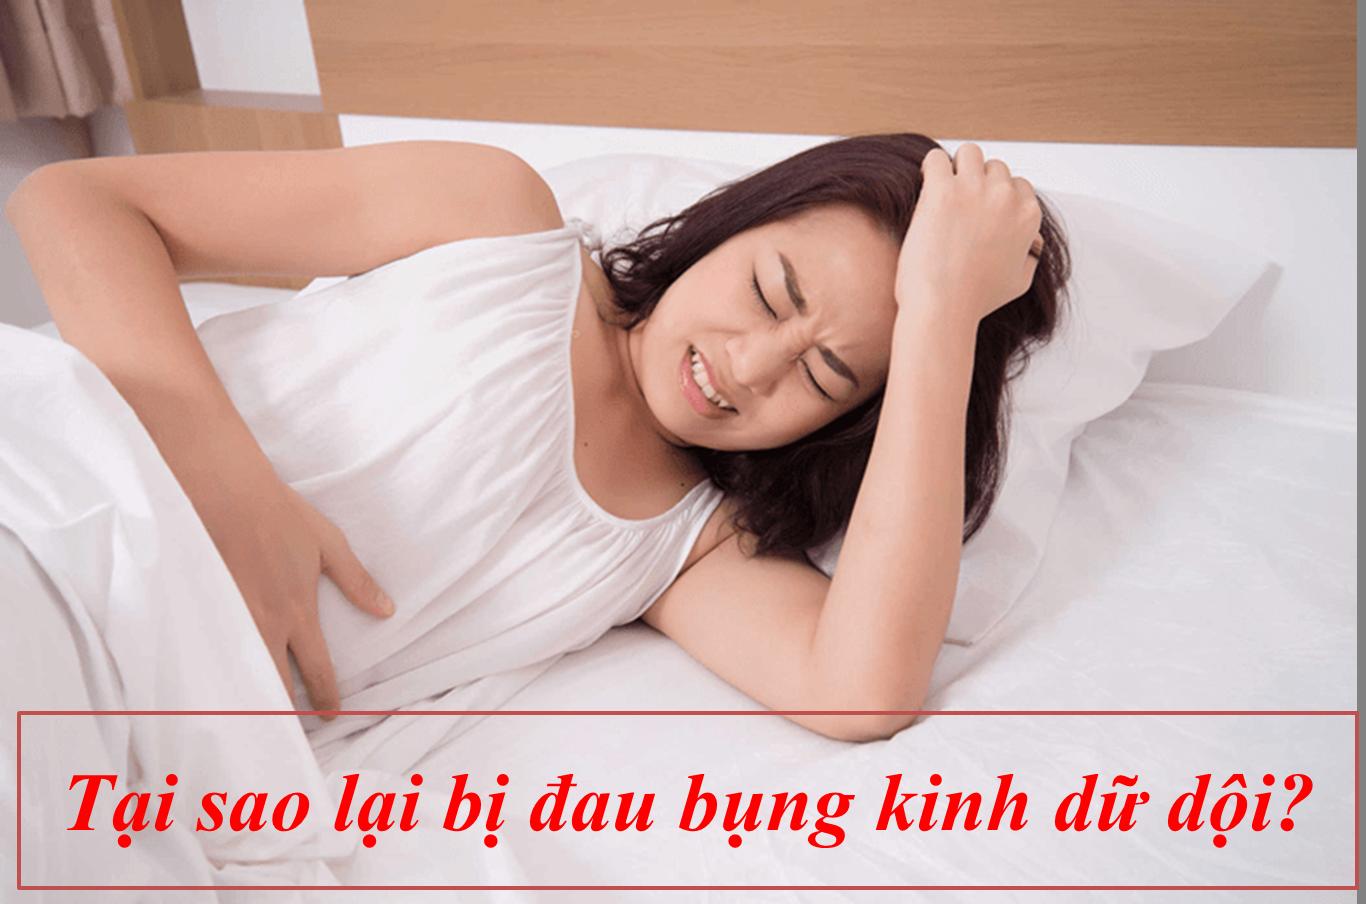 Nguyên nhân nào dẫn đến đau bụng kinh dữ dội?